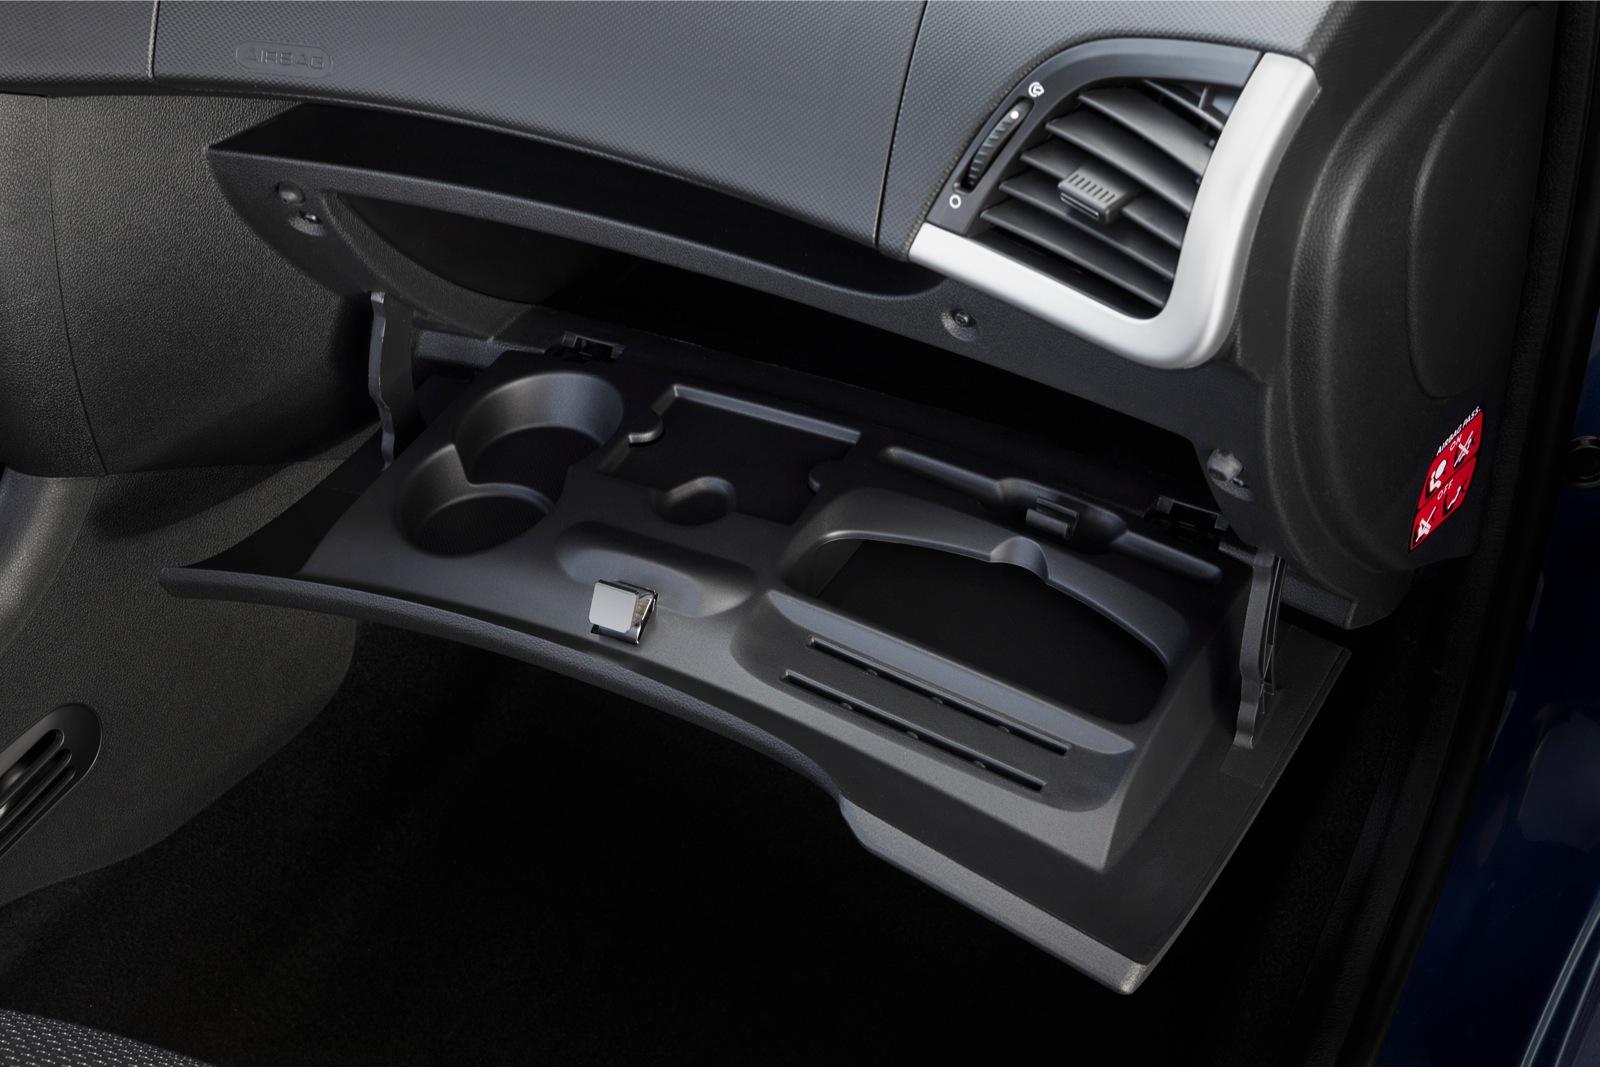 Peugeot 206 5 Doors 2009 2010 2011 2012 2013 2014